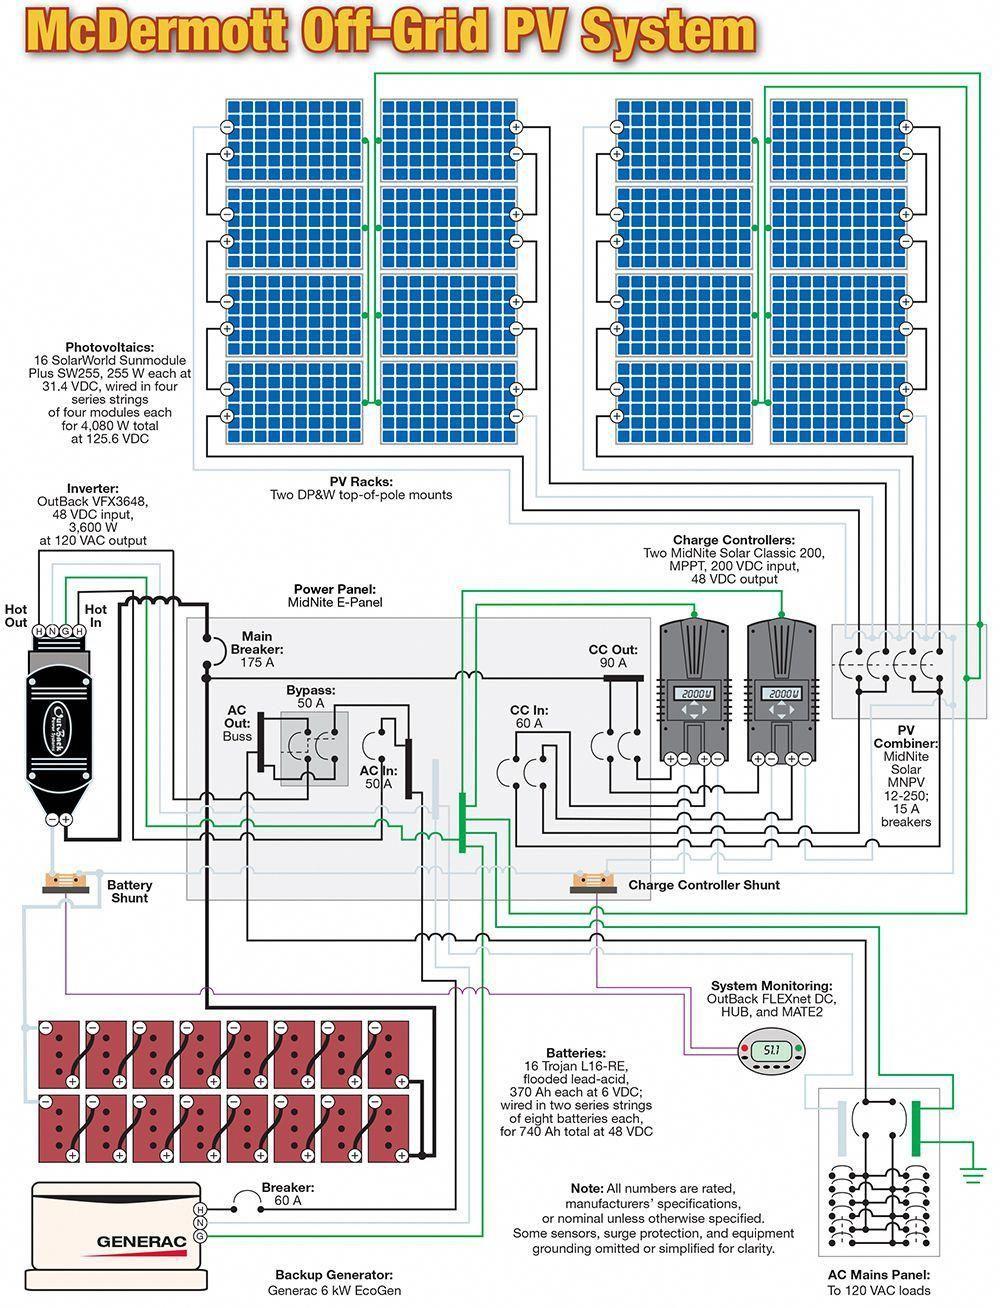 أنظمة الطاقة الشمسية Wiring Off Grid Pv System 4kwh Solar Panels Solar Projects Solar